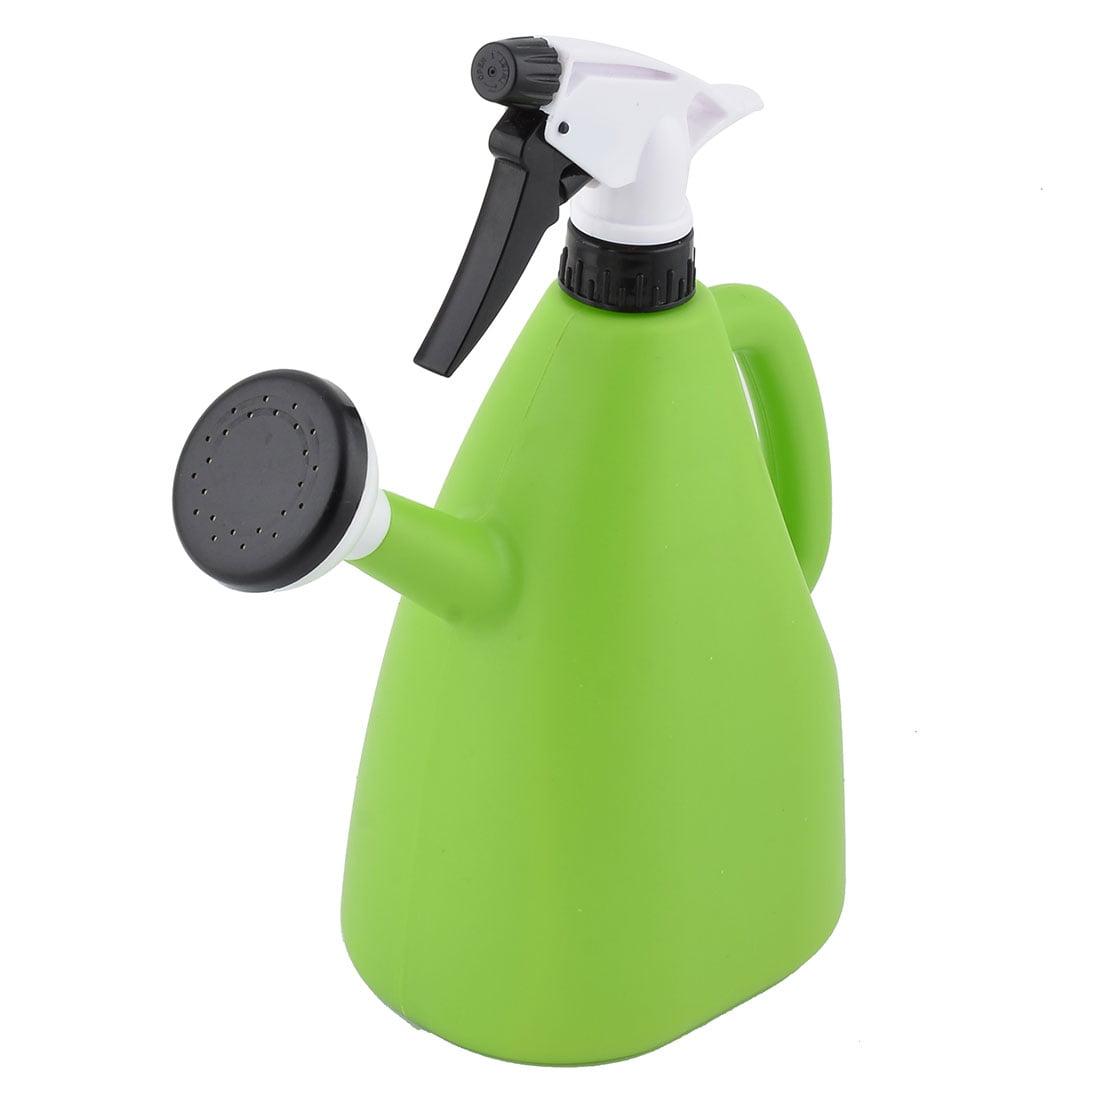 Garden Plastic Water Flower Plant Pressure Spray Bottle Sprayer by